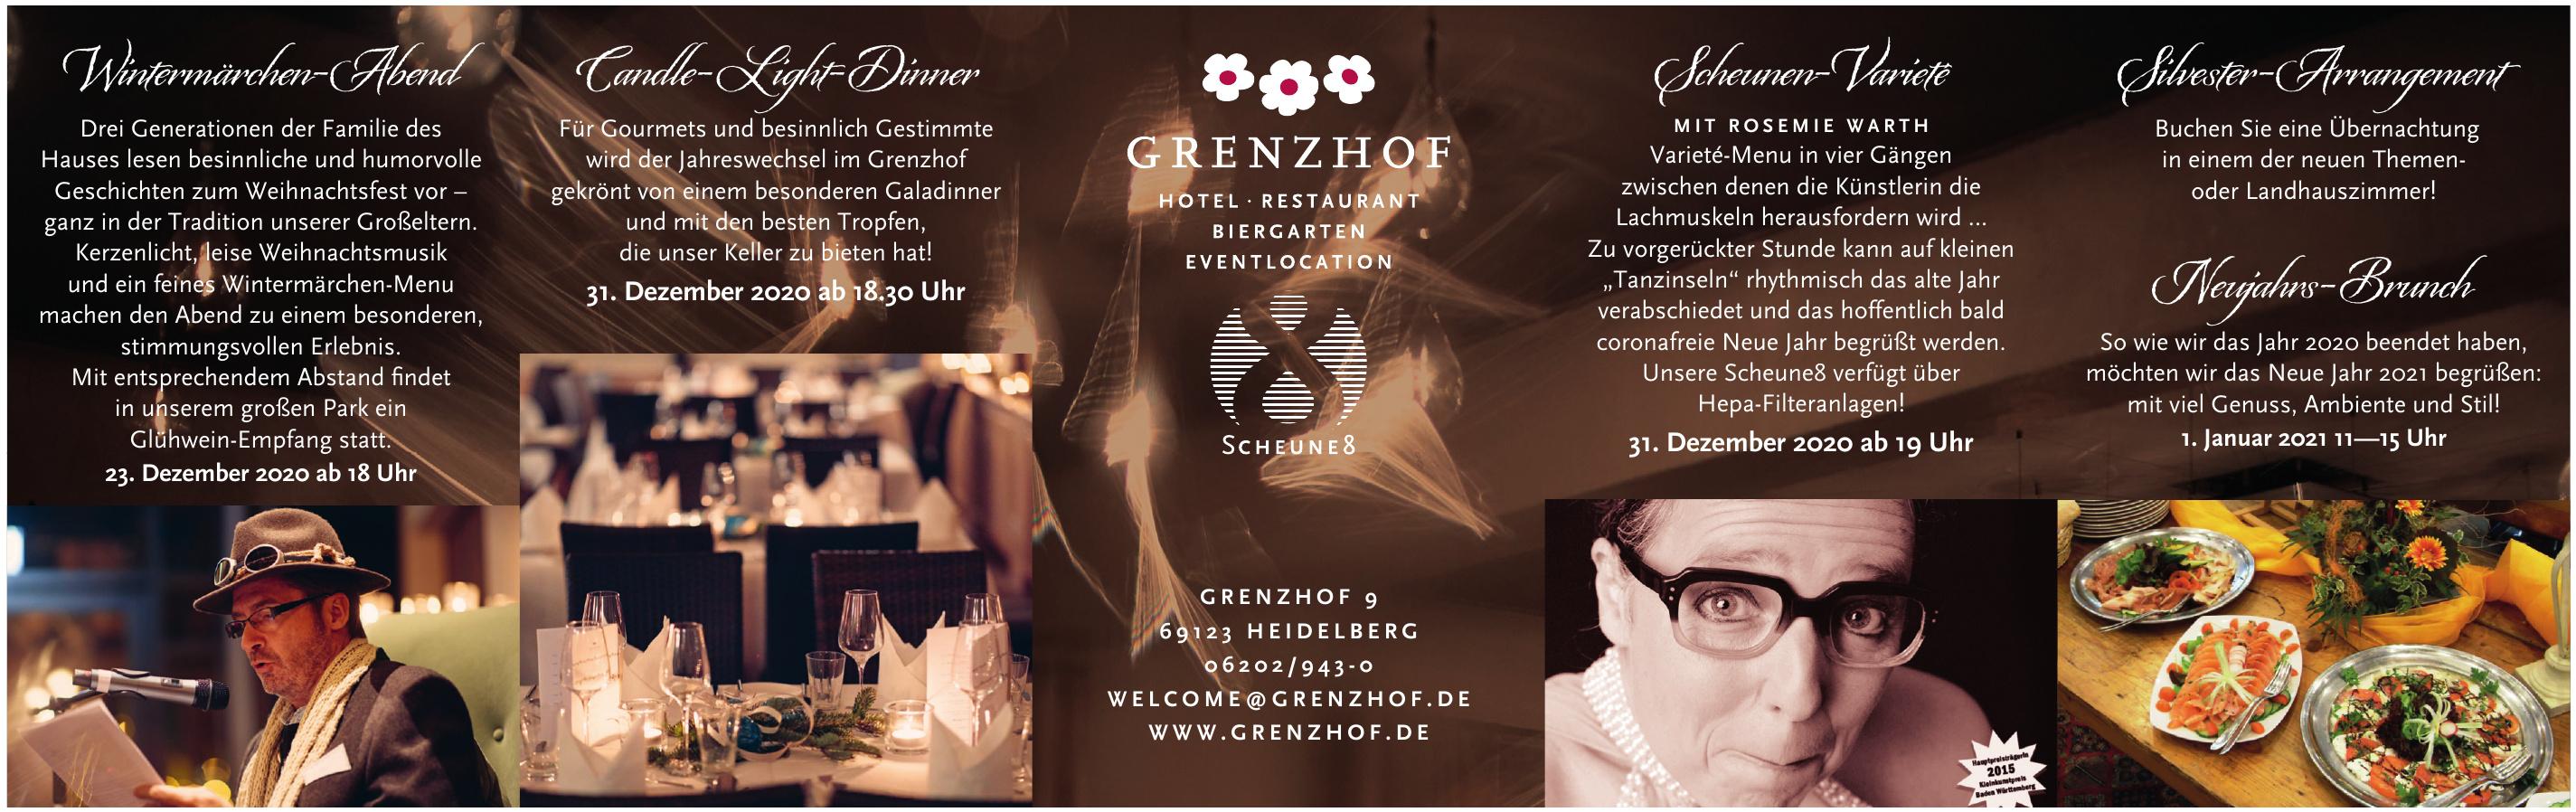 Grenzhof Hotel-Restaurant